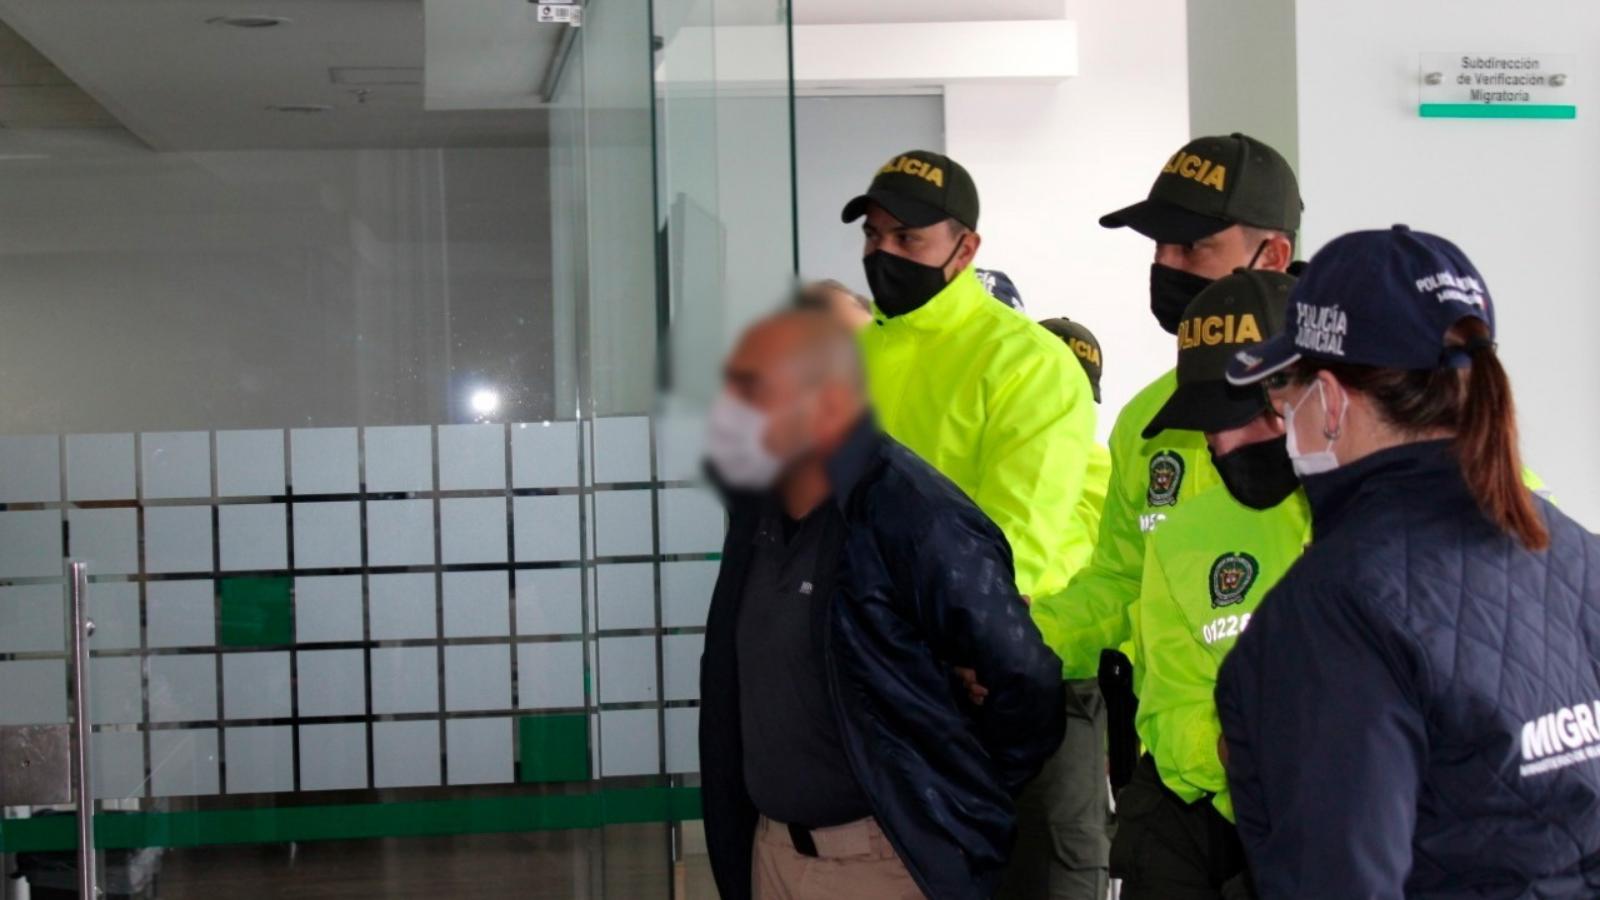 ¿Por qué es inconveniente crear un comando especial contra criminales migrantes?